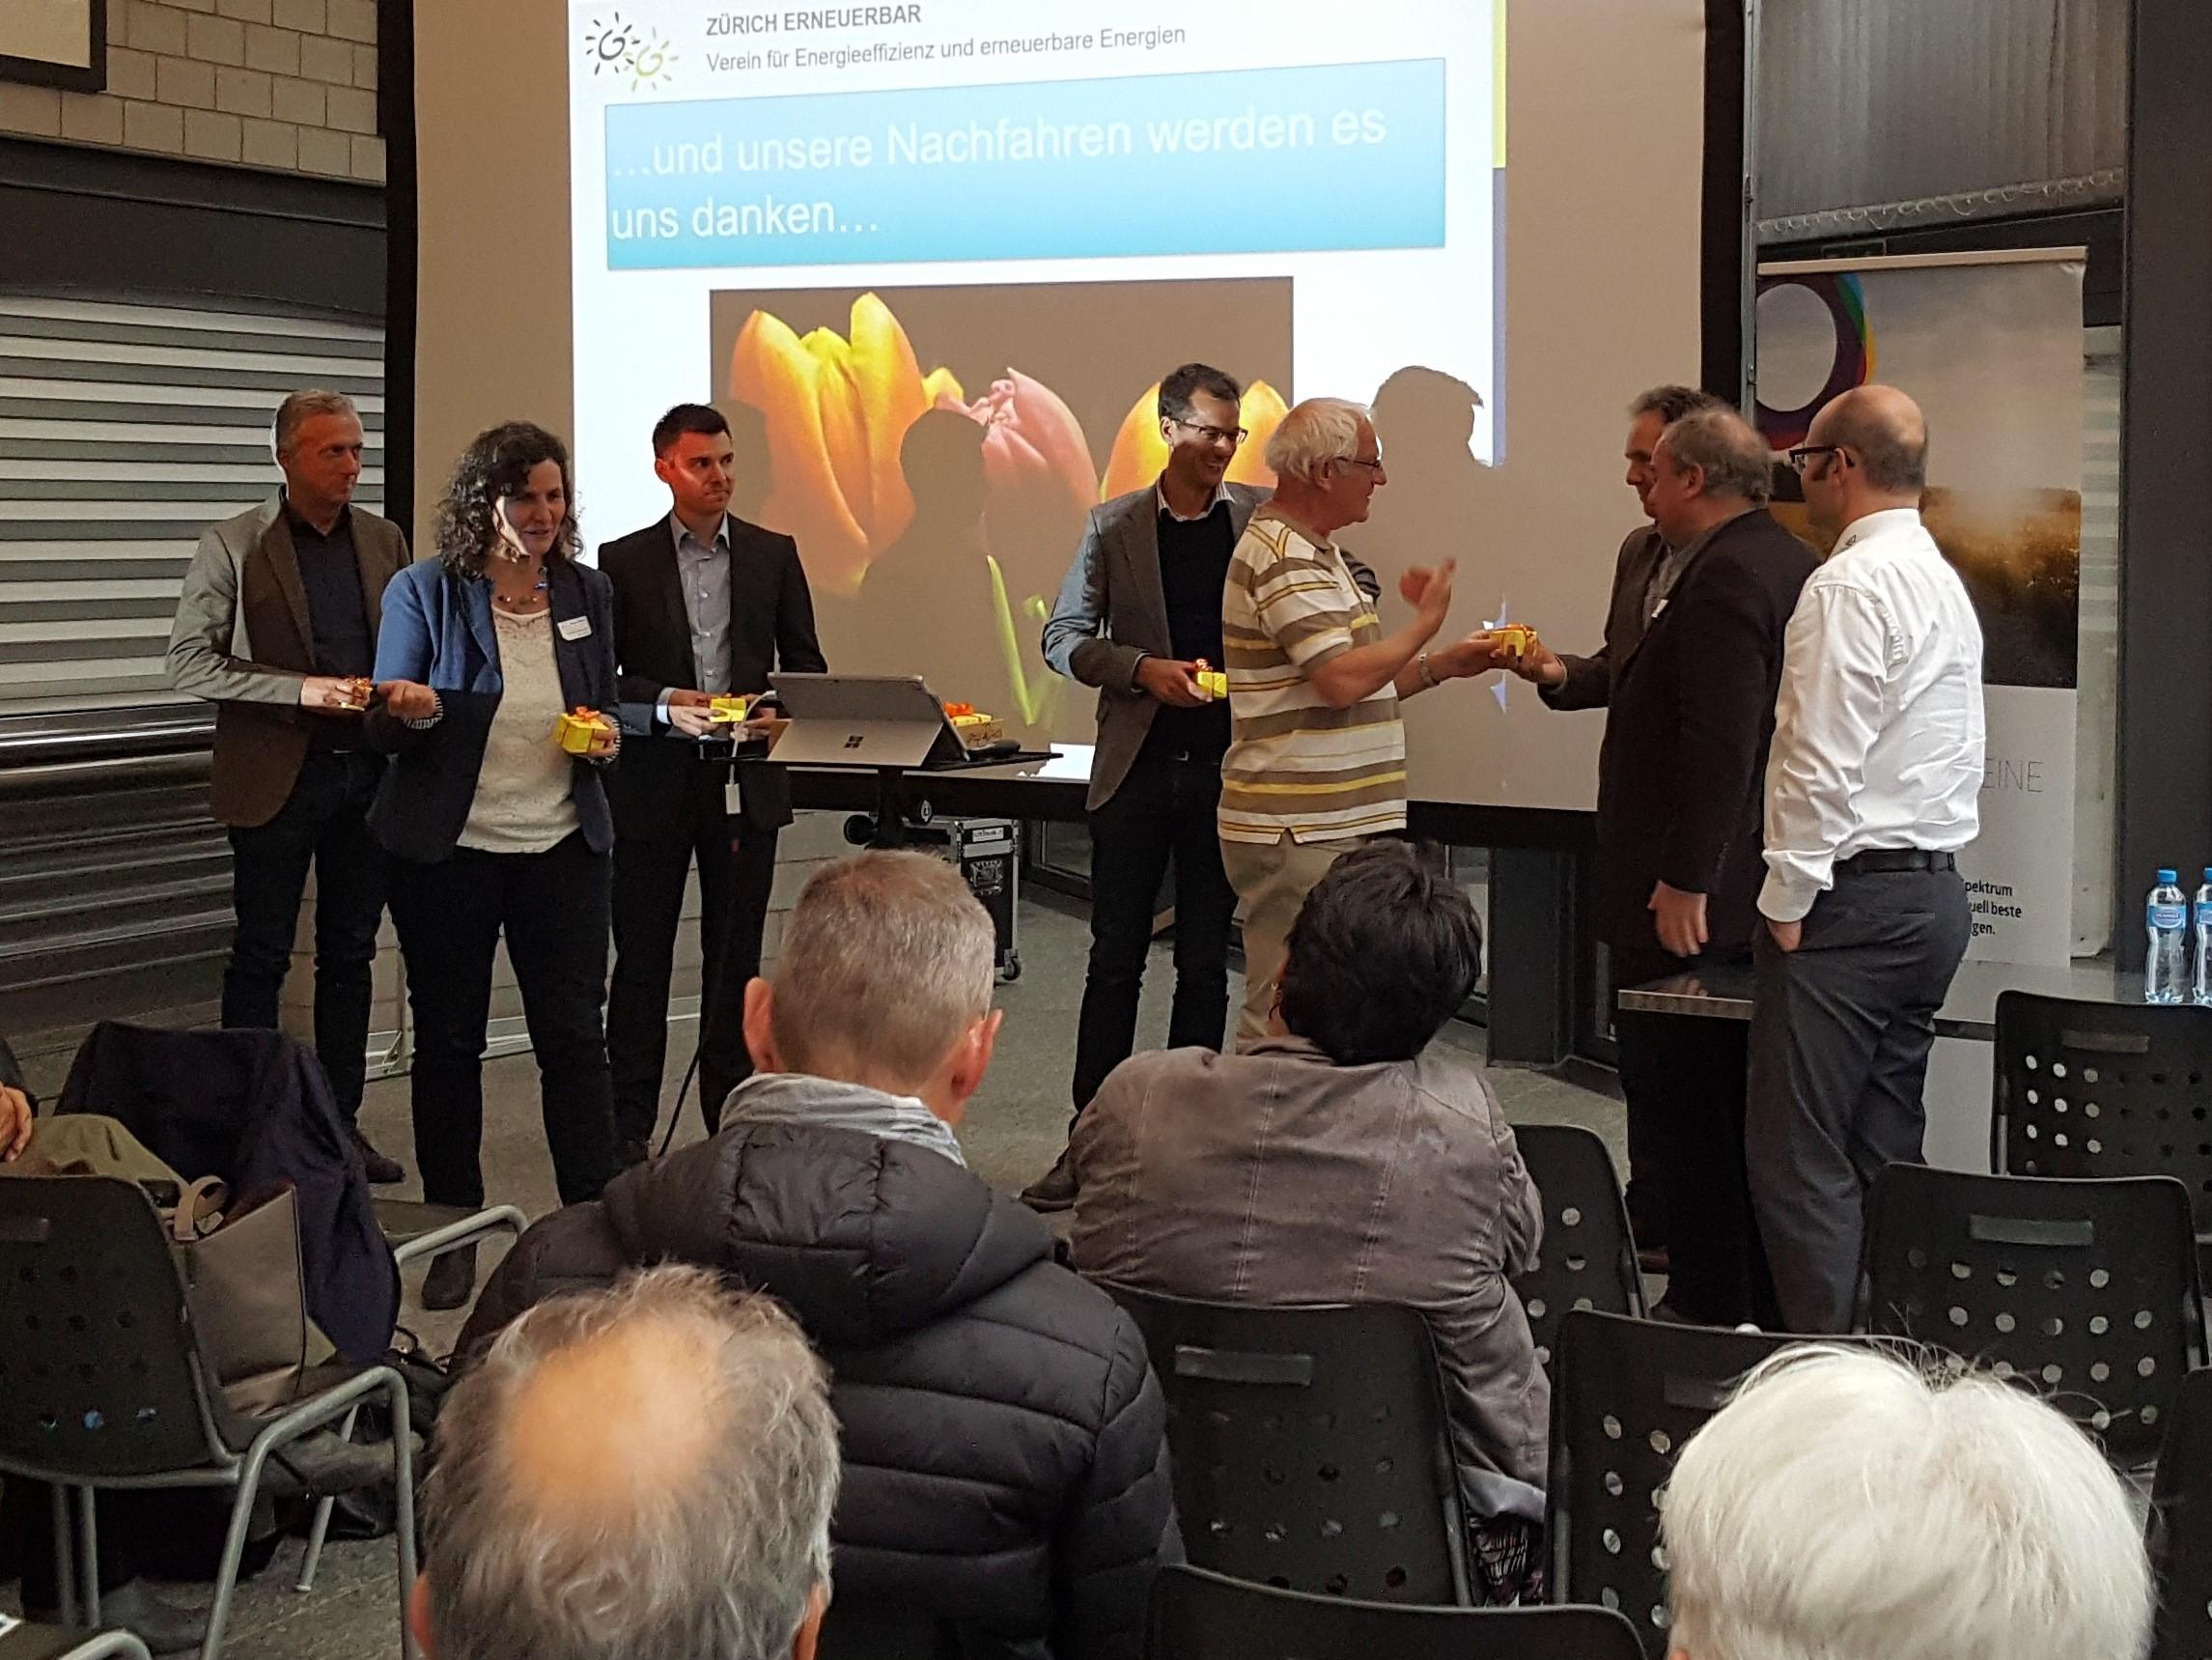 Patrick Hächler, Präsident von Zürich Erneuerbar, und die Geschäftsführerin Barbara Schaffner bedanken sich bei den Referenten.